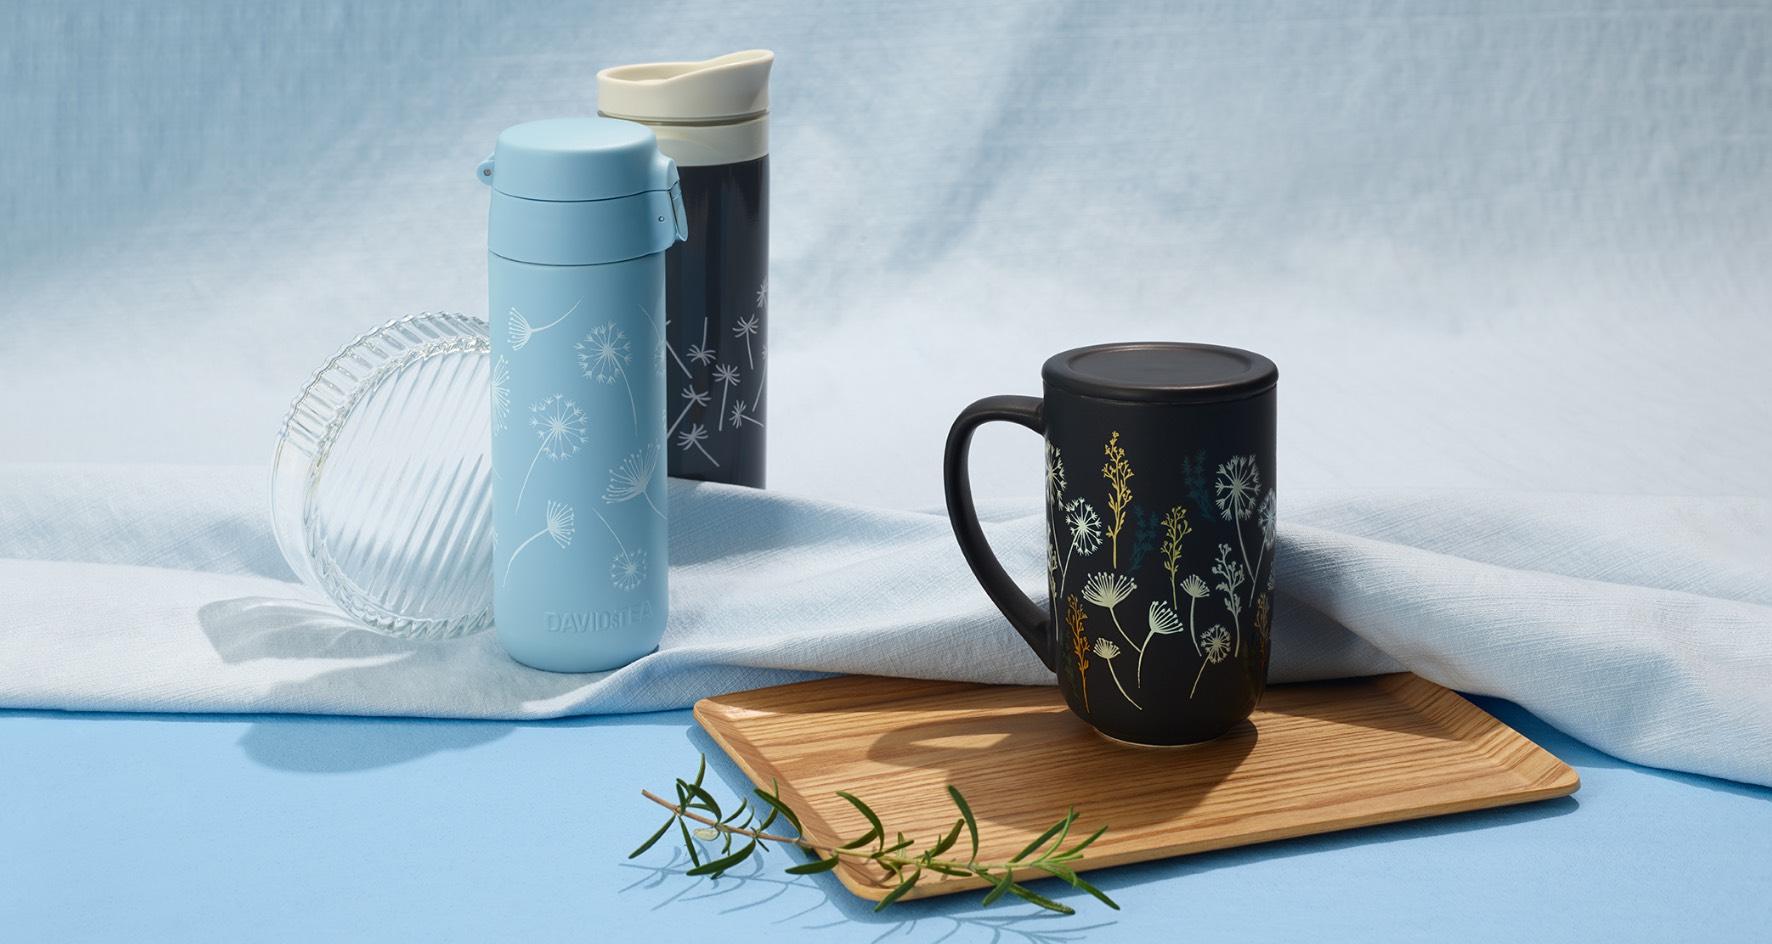 Tasse Nordic changeant de couleur noire à pissenlits et la Tasse de voyage à verrou à motif de pissenlits devant un fond bleu ciel.